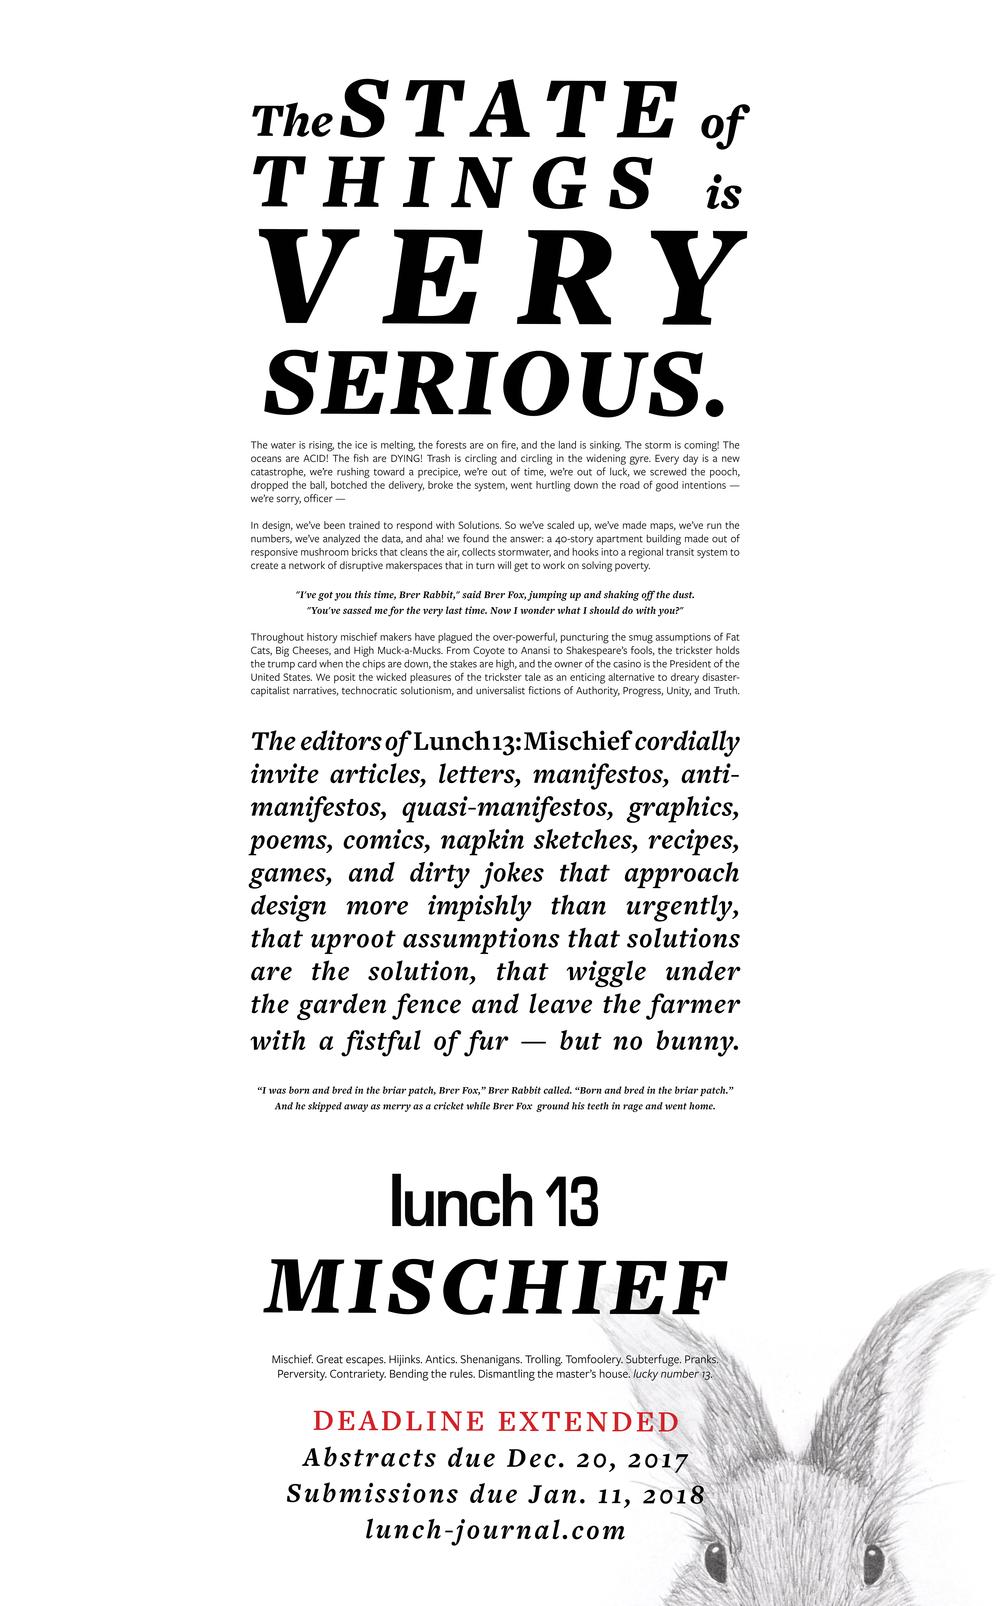 lunch13-mischief.png